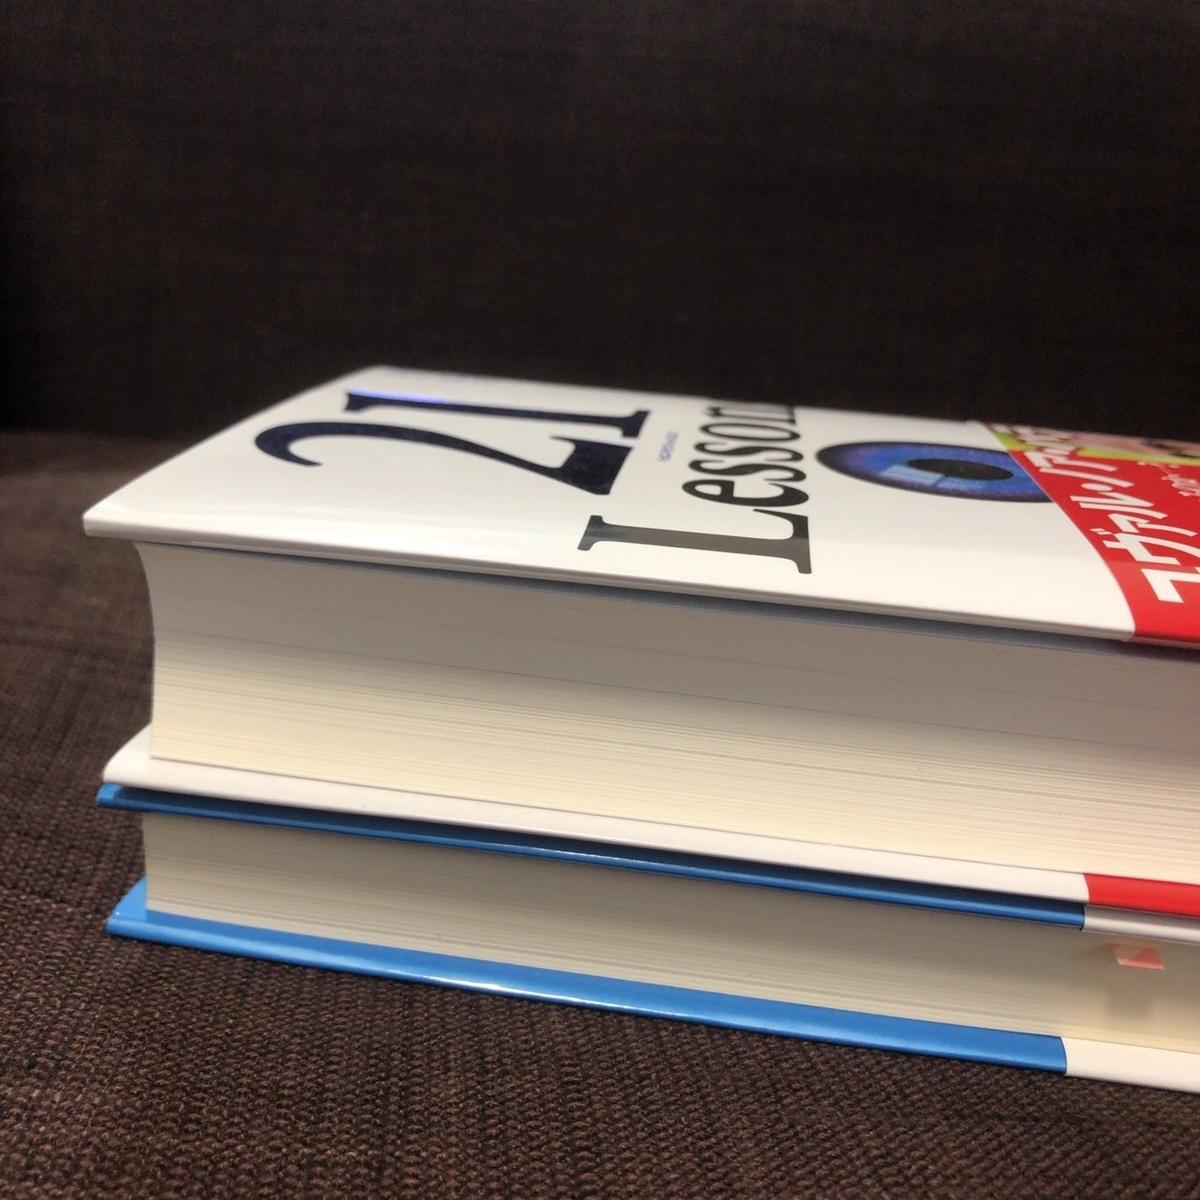 四六版大の書籍の厚みの違い